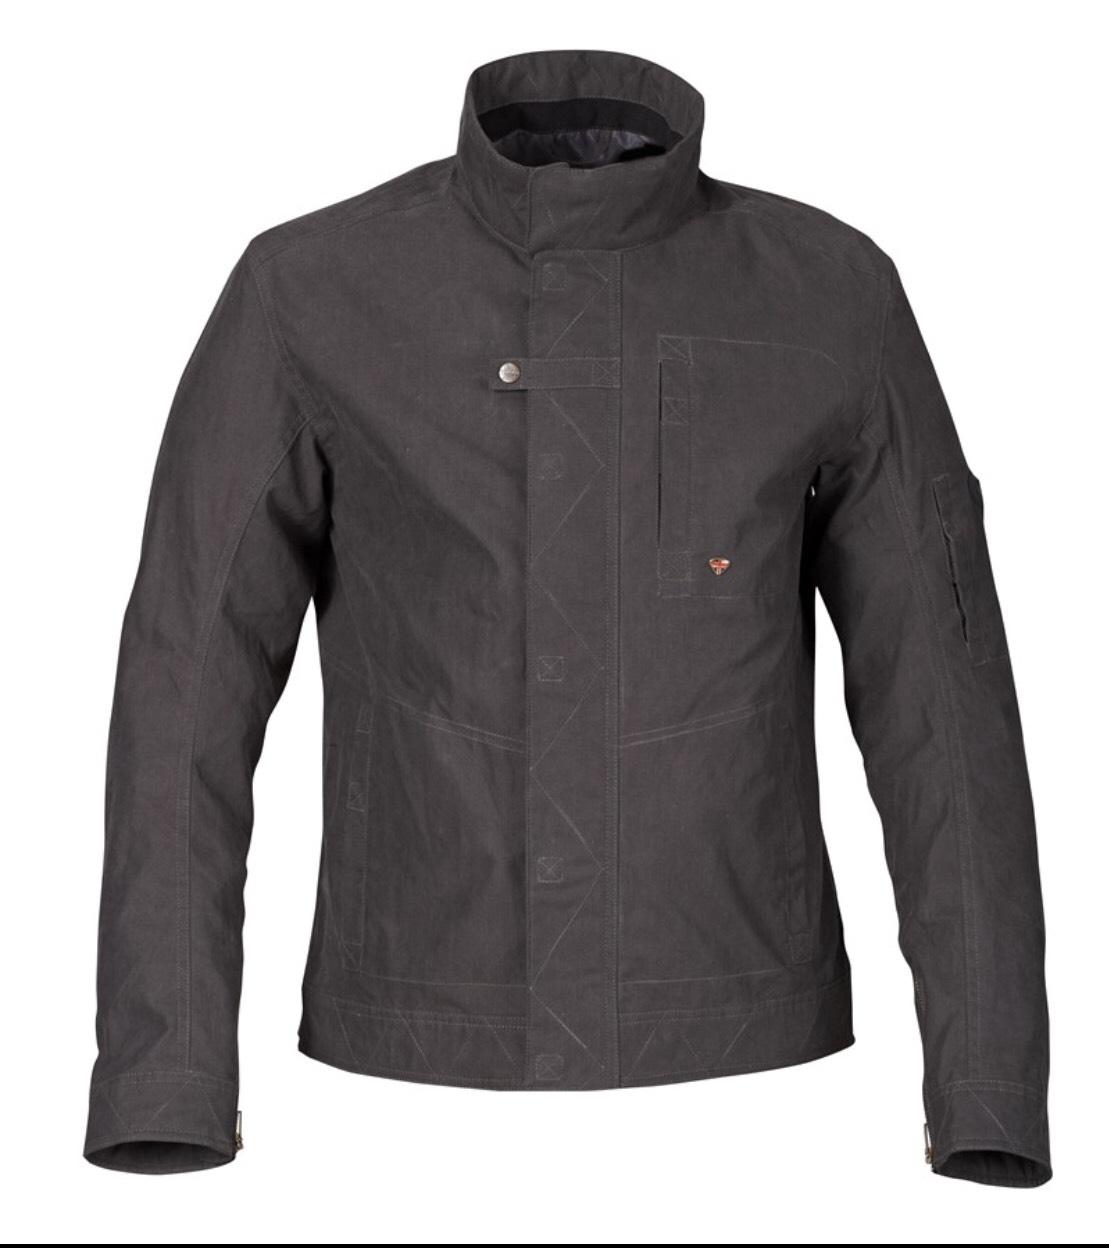 Mens Triumph Moreton Casual Jacket size XS £10 / £14.50 delivered @ Triumph outlet